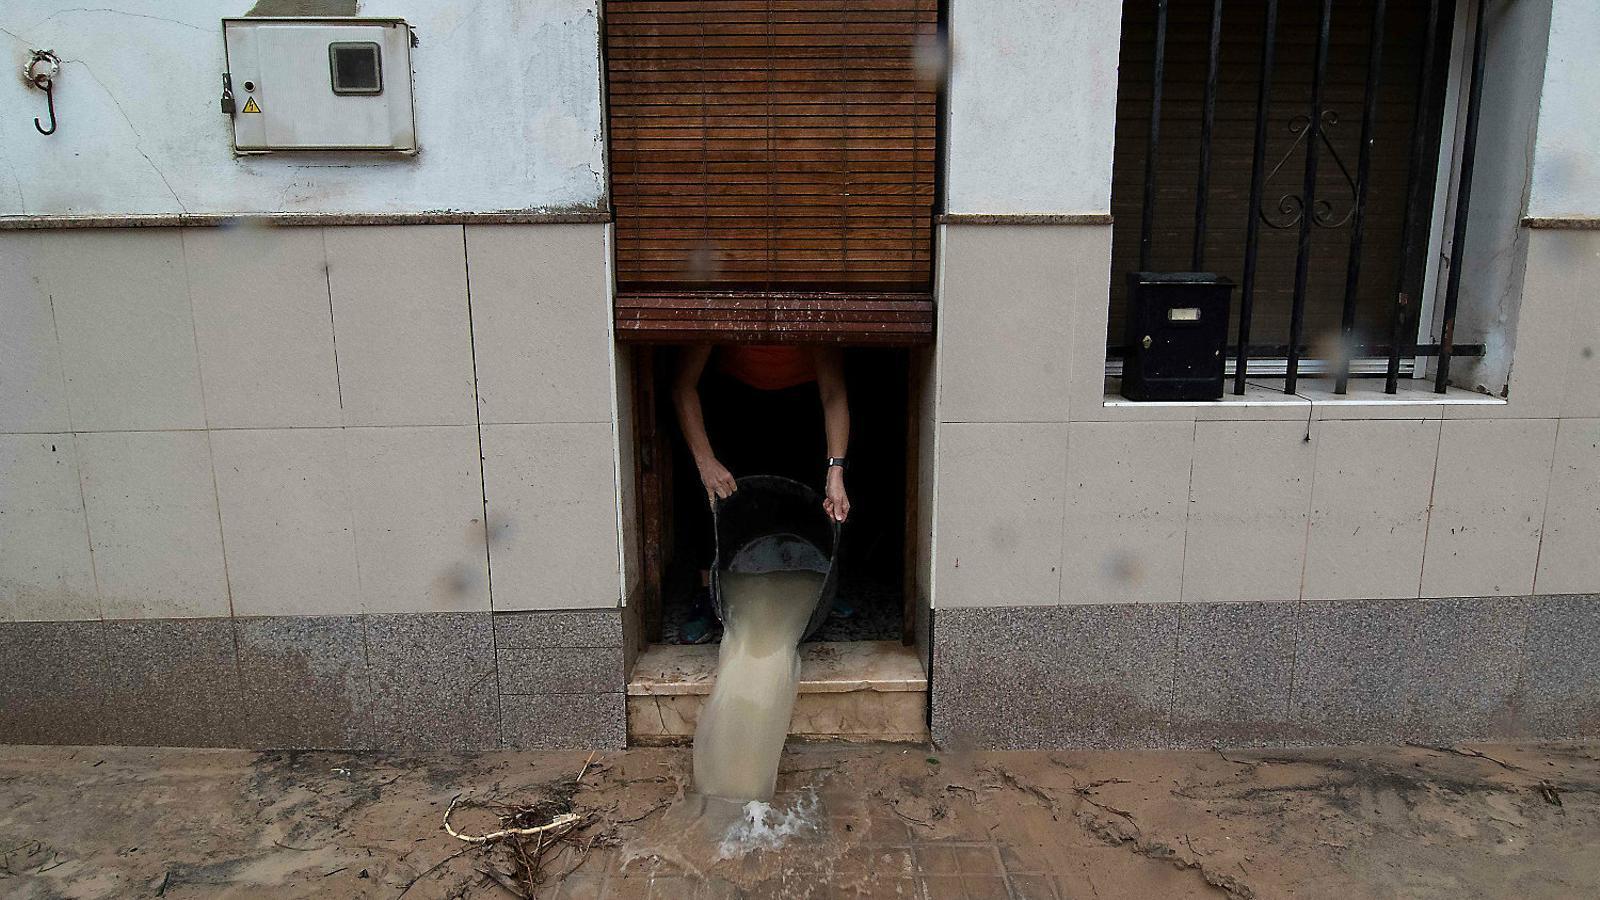 Un veí traient aigua de casa seva, inundada pel temporal, a Ontinyent.